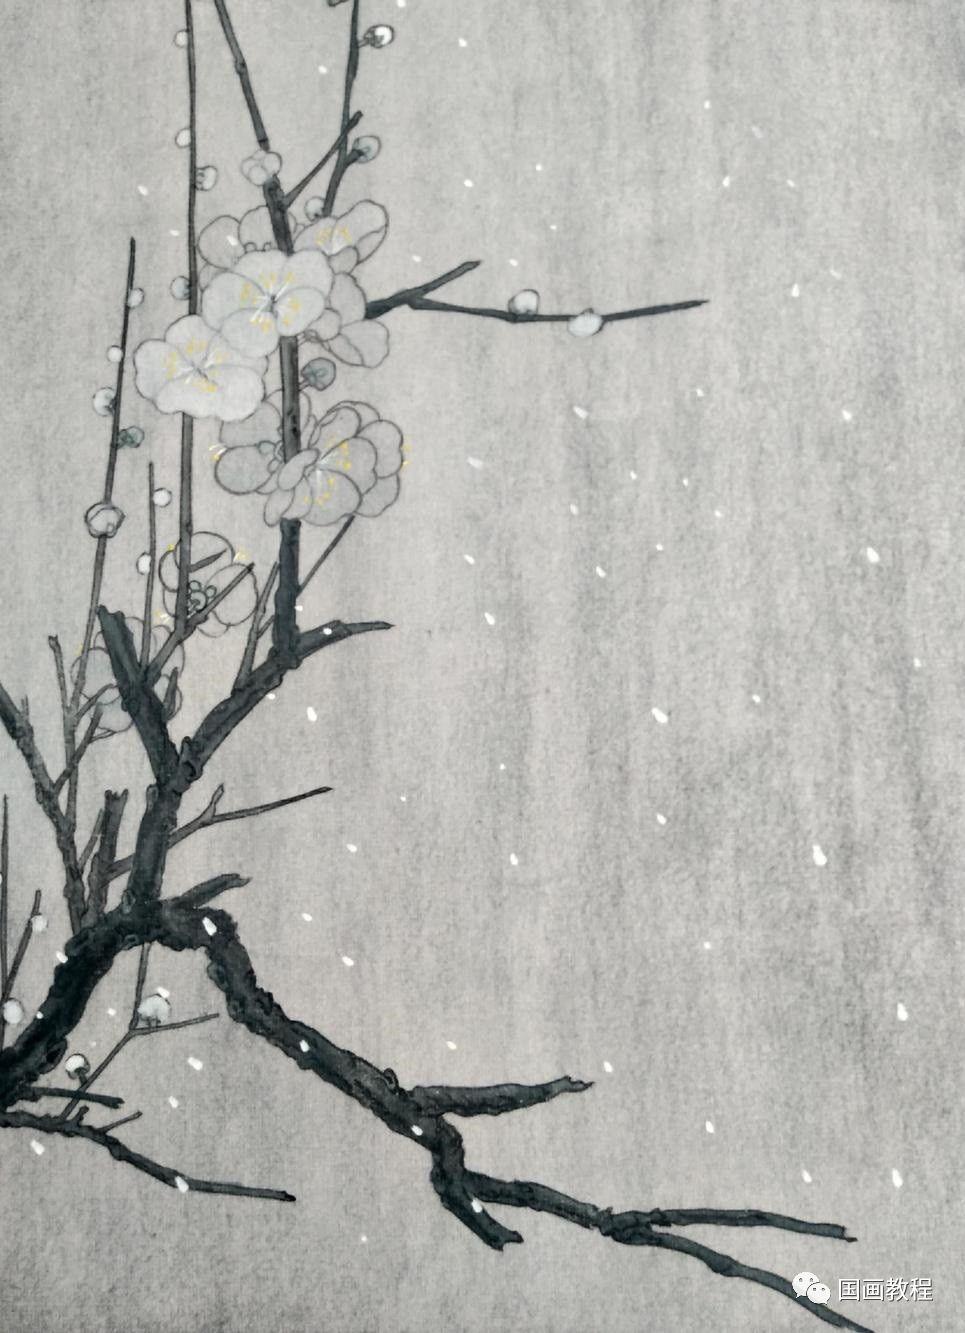 工笔画梅花,高清图片,免费下载 - 绘艺素材网